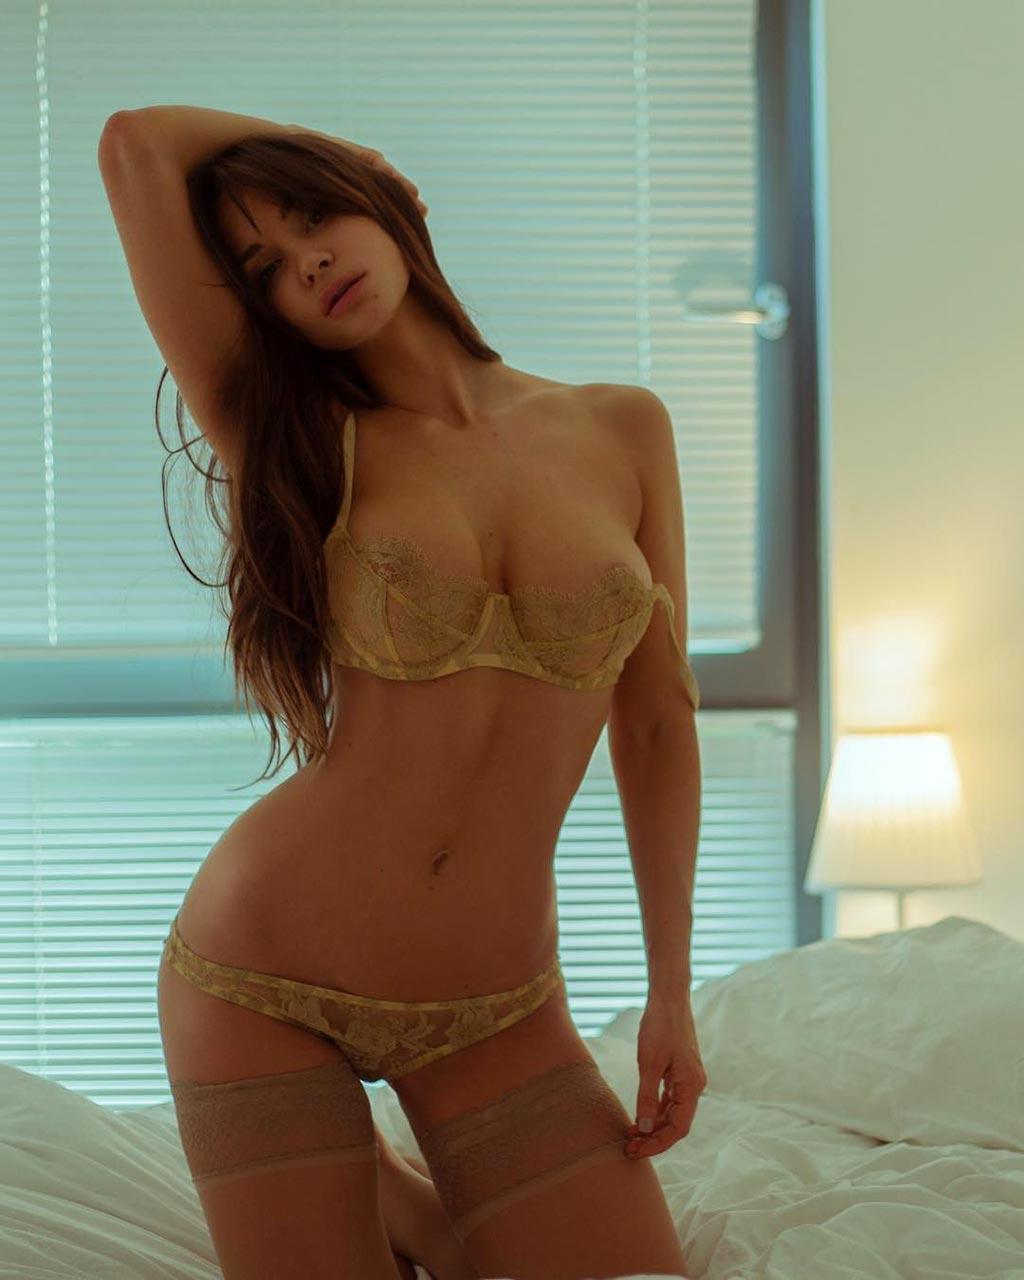 Selfie Andja Lorein nude (95 photos), Tits, Sideboobs, Feet, braless 2020